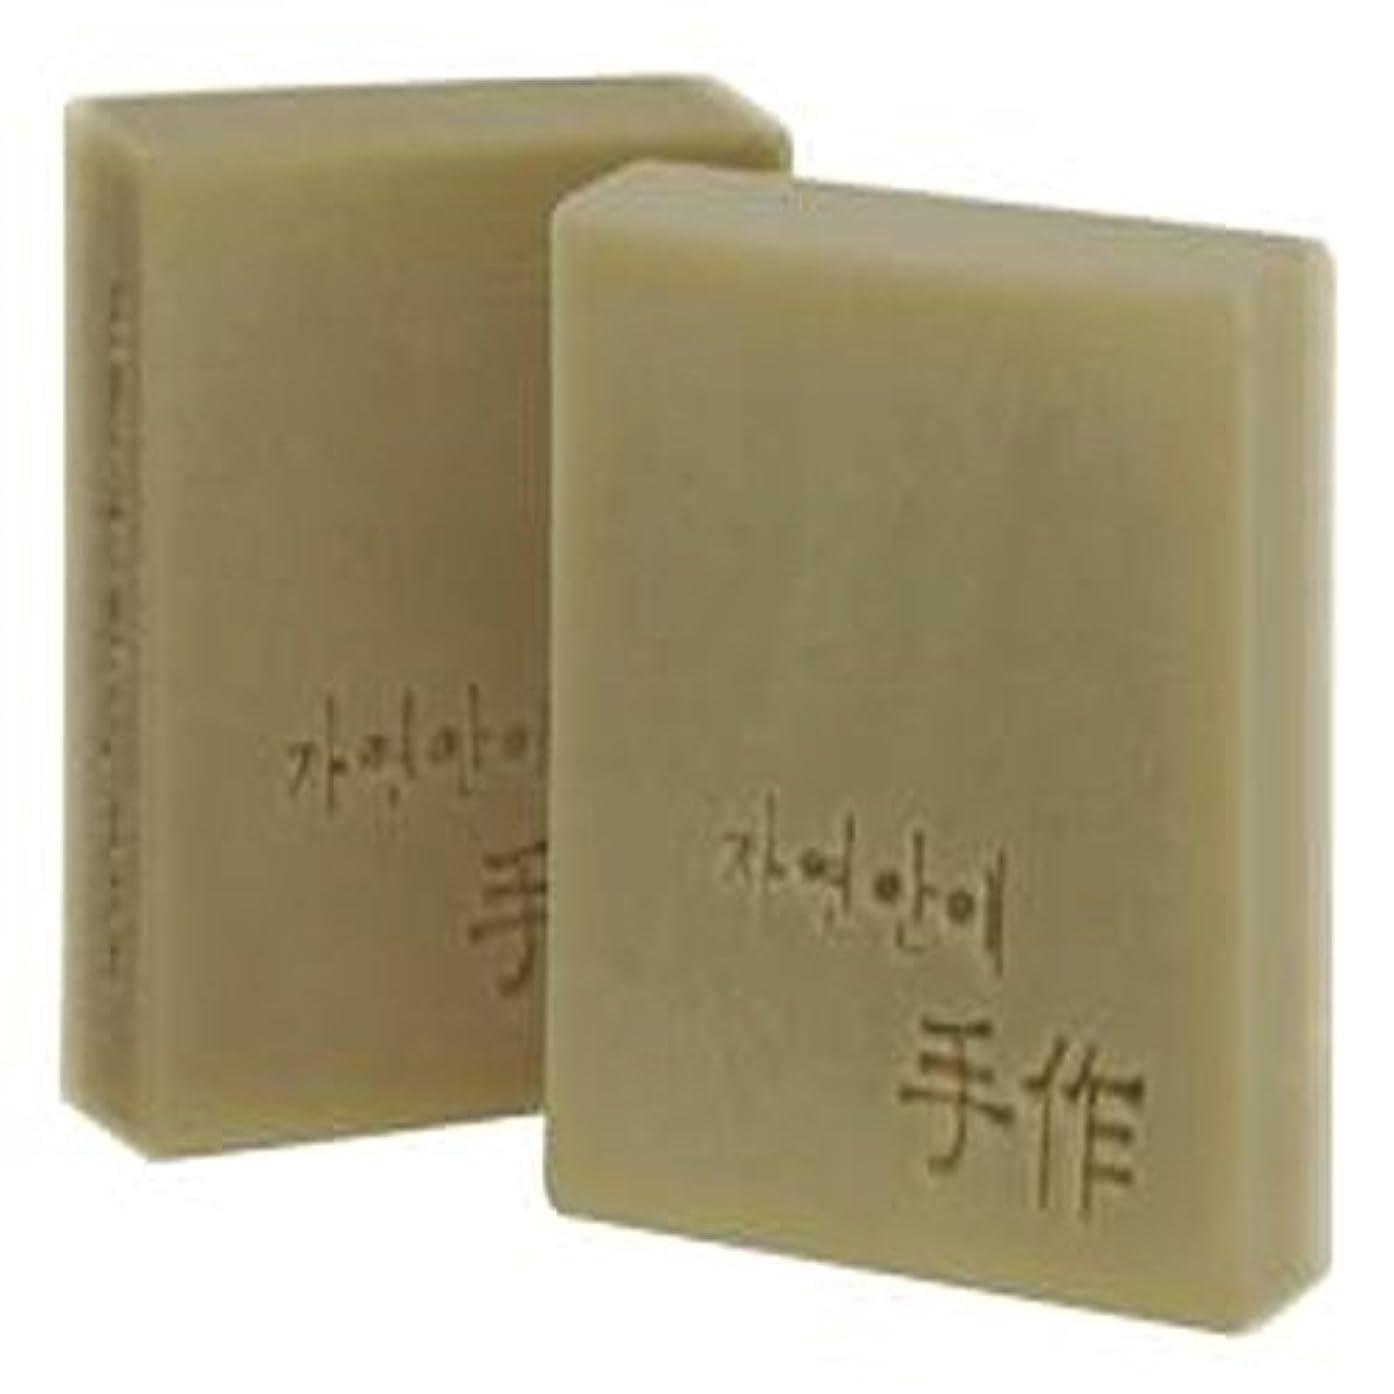 立法もう一度傑出したNatural organic 有機天然ソープ 固形 無添加 洗顔せっけんクレンジング 石鹸 [並行輸入品] (穀物)